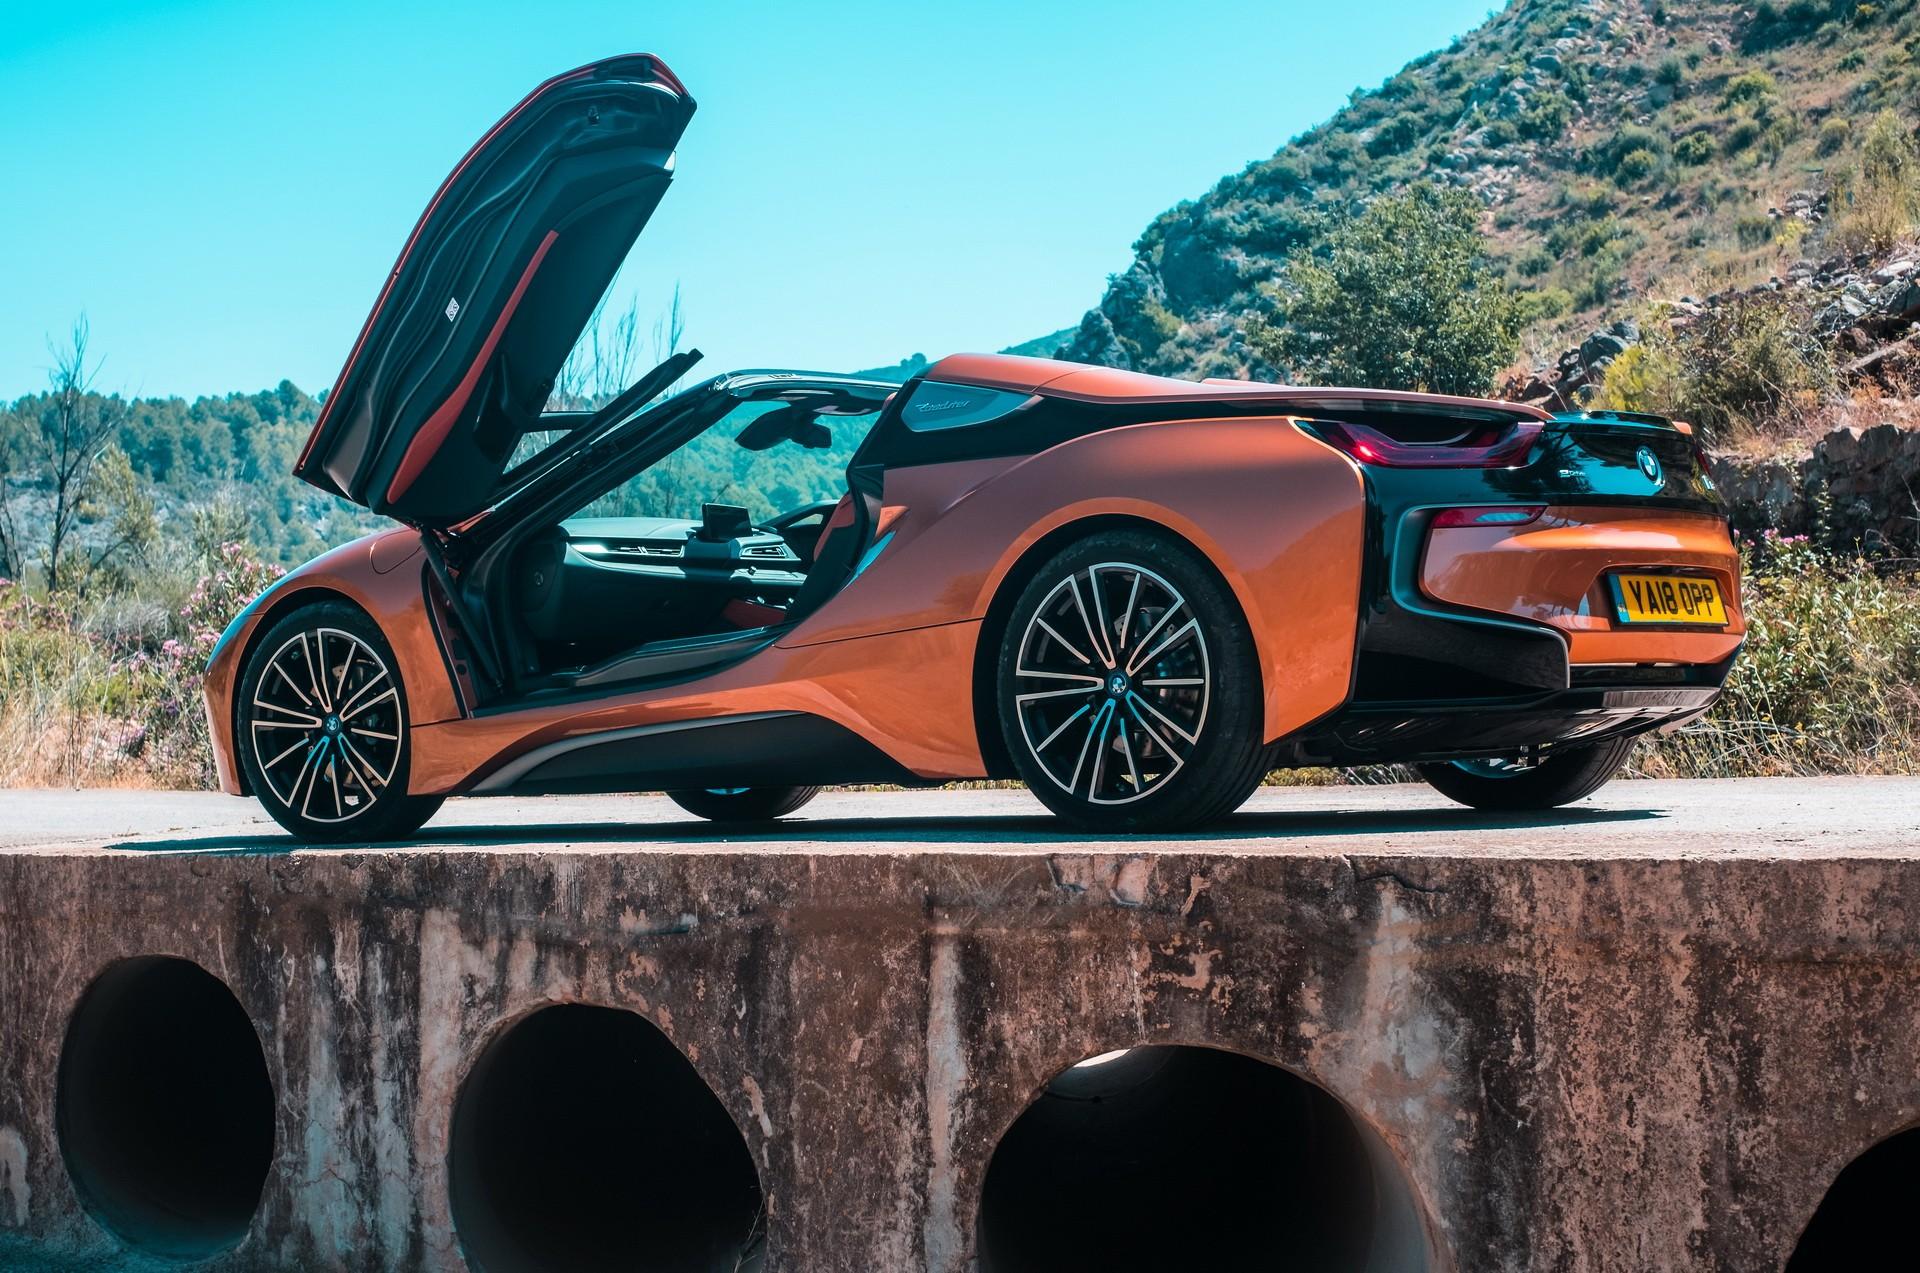 Lộ diện hình ảnh BMW i8 thoát xác với hình hài mới, sắc sảo không ngờ - Hình 1